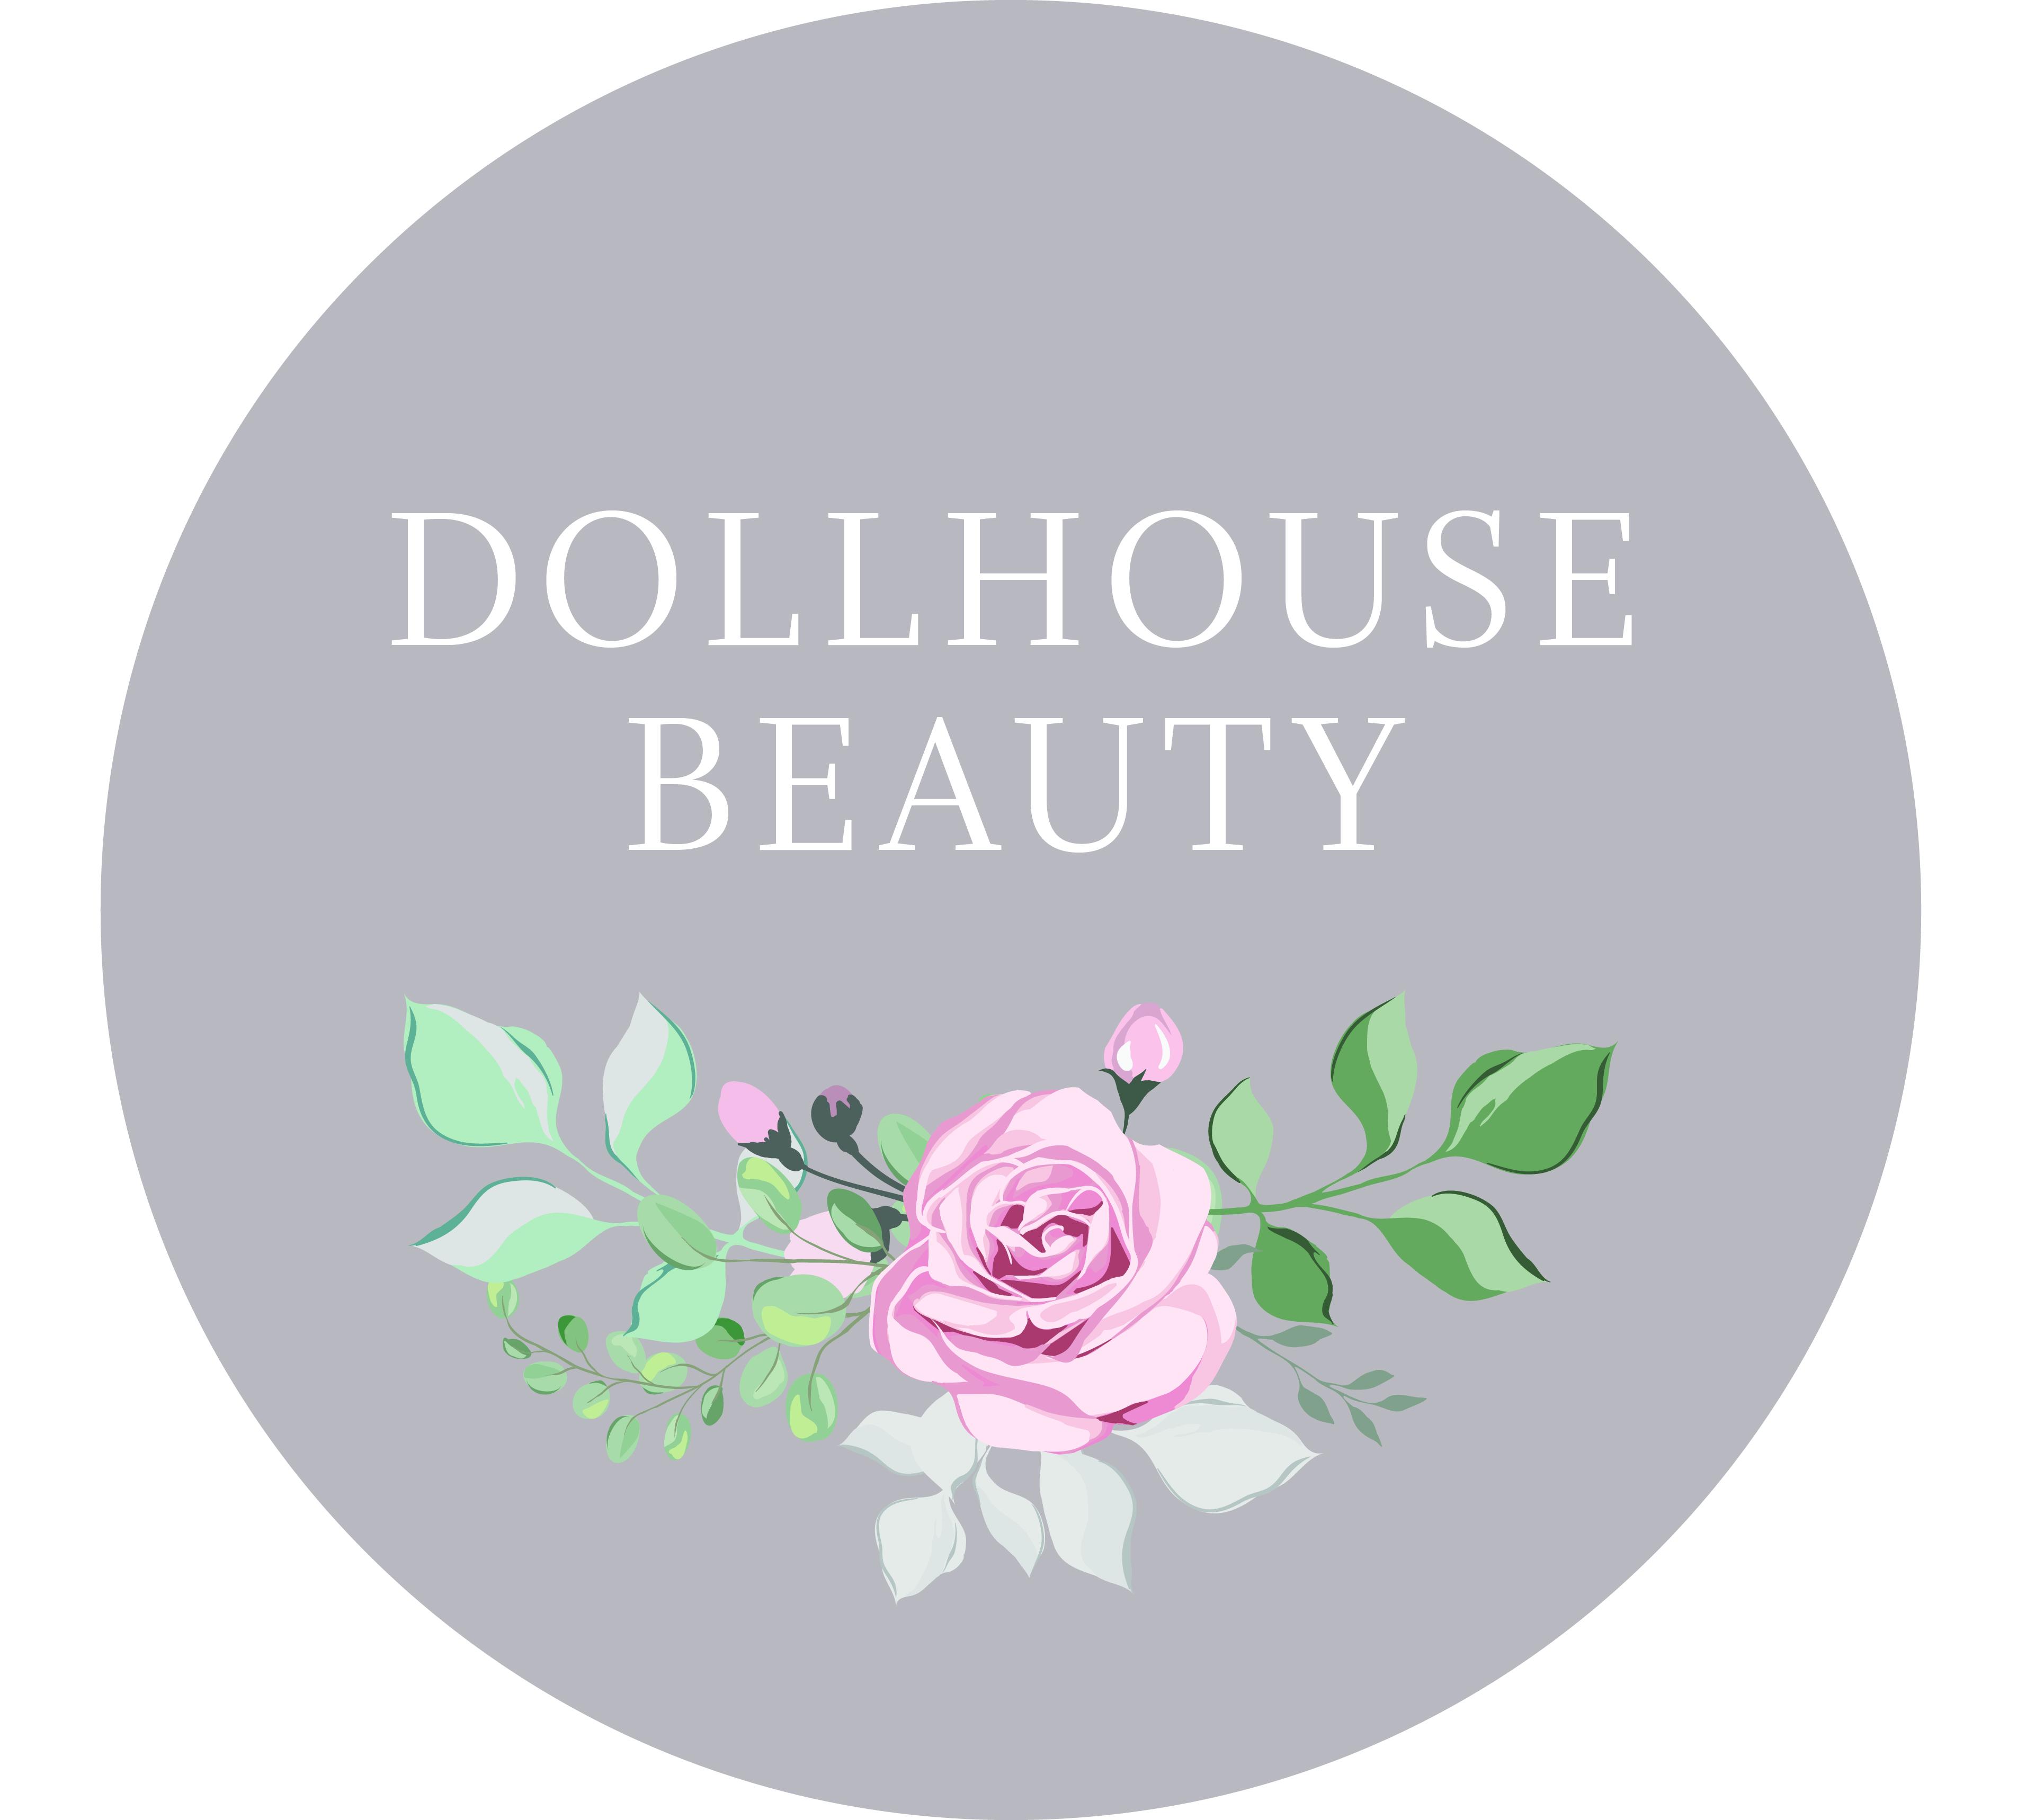 Dollhouse Beauty Social Media logo